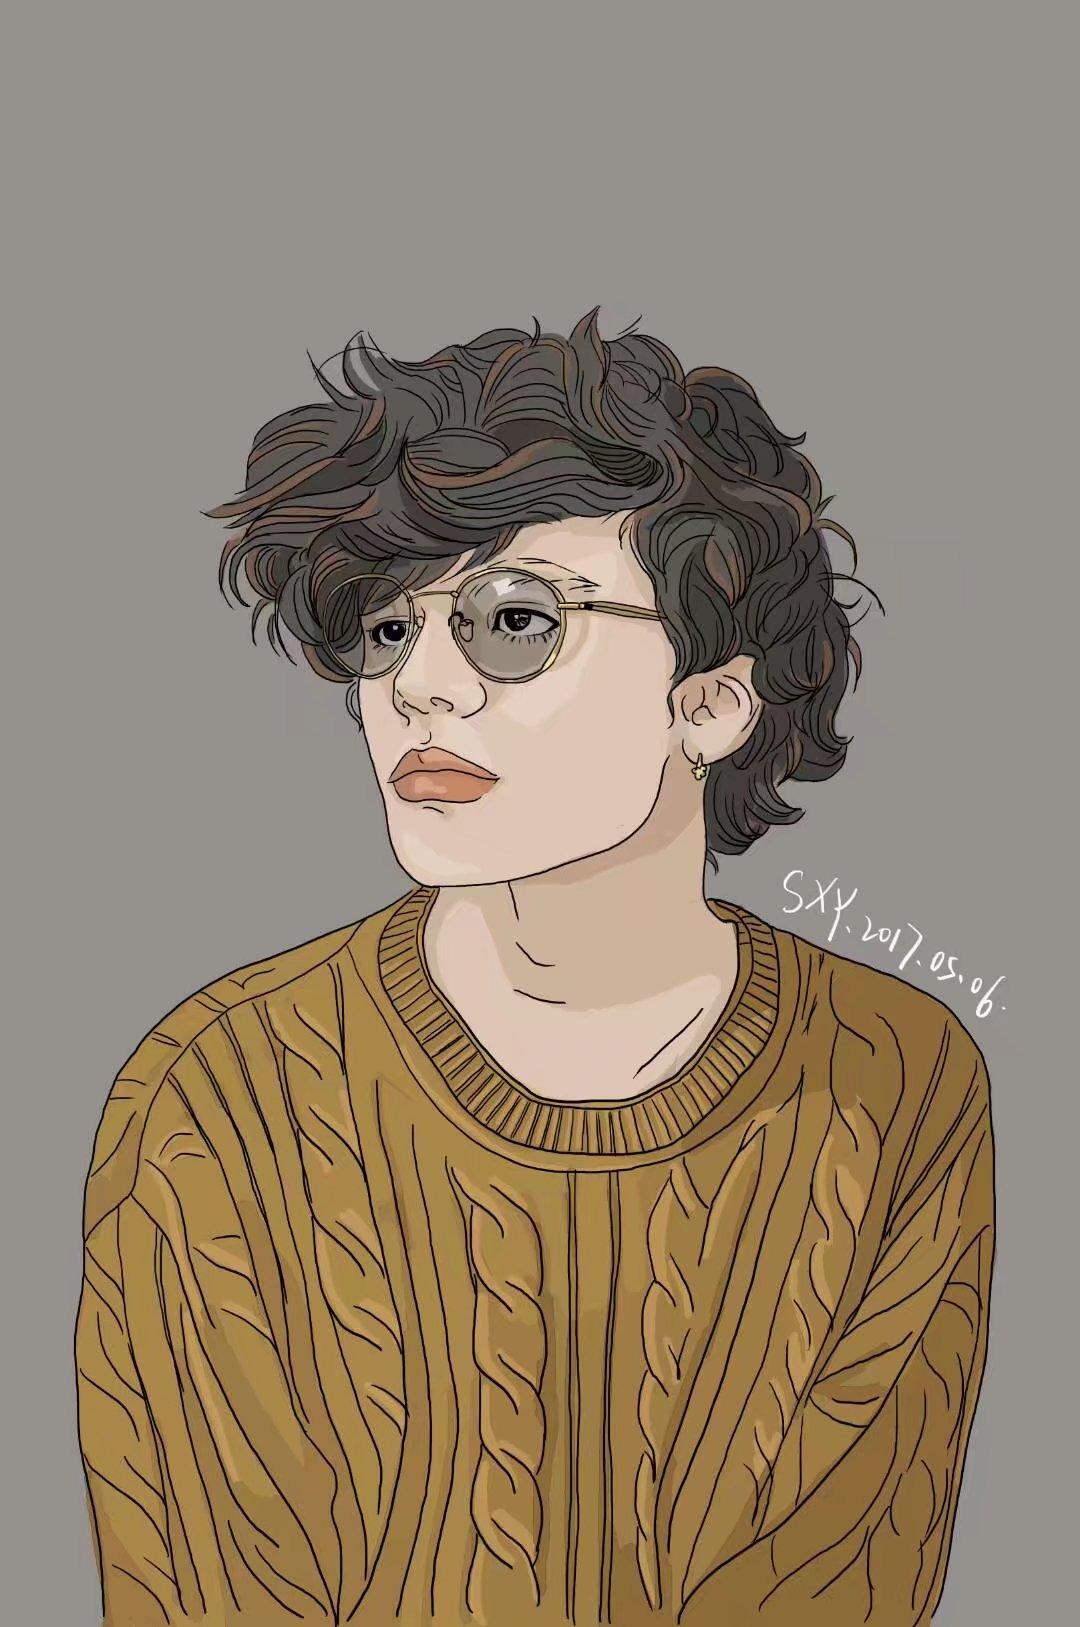 戴眼镜的男孩